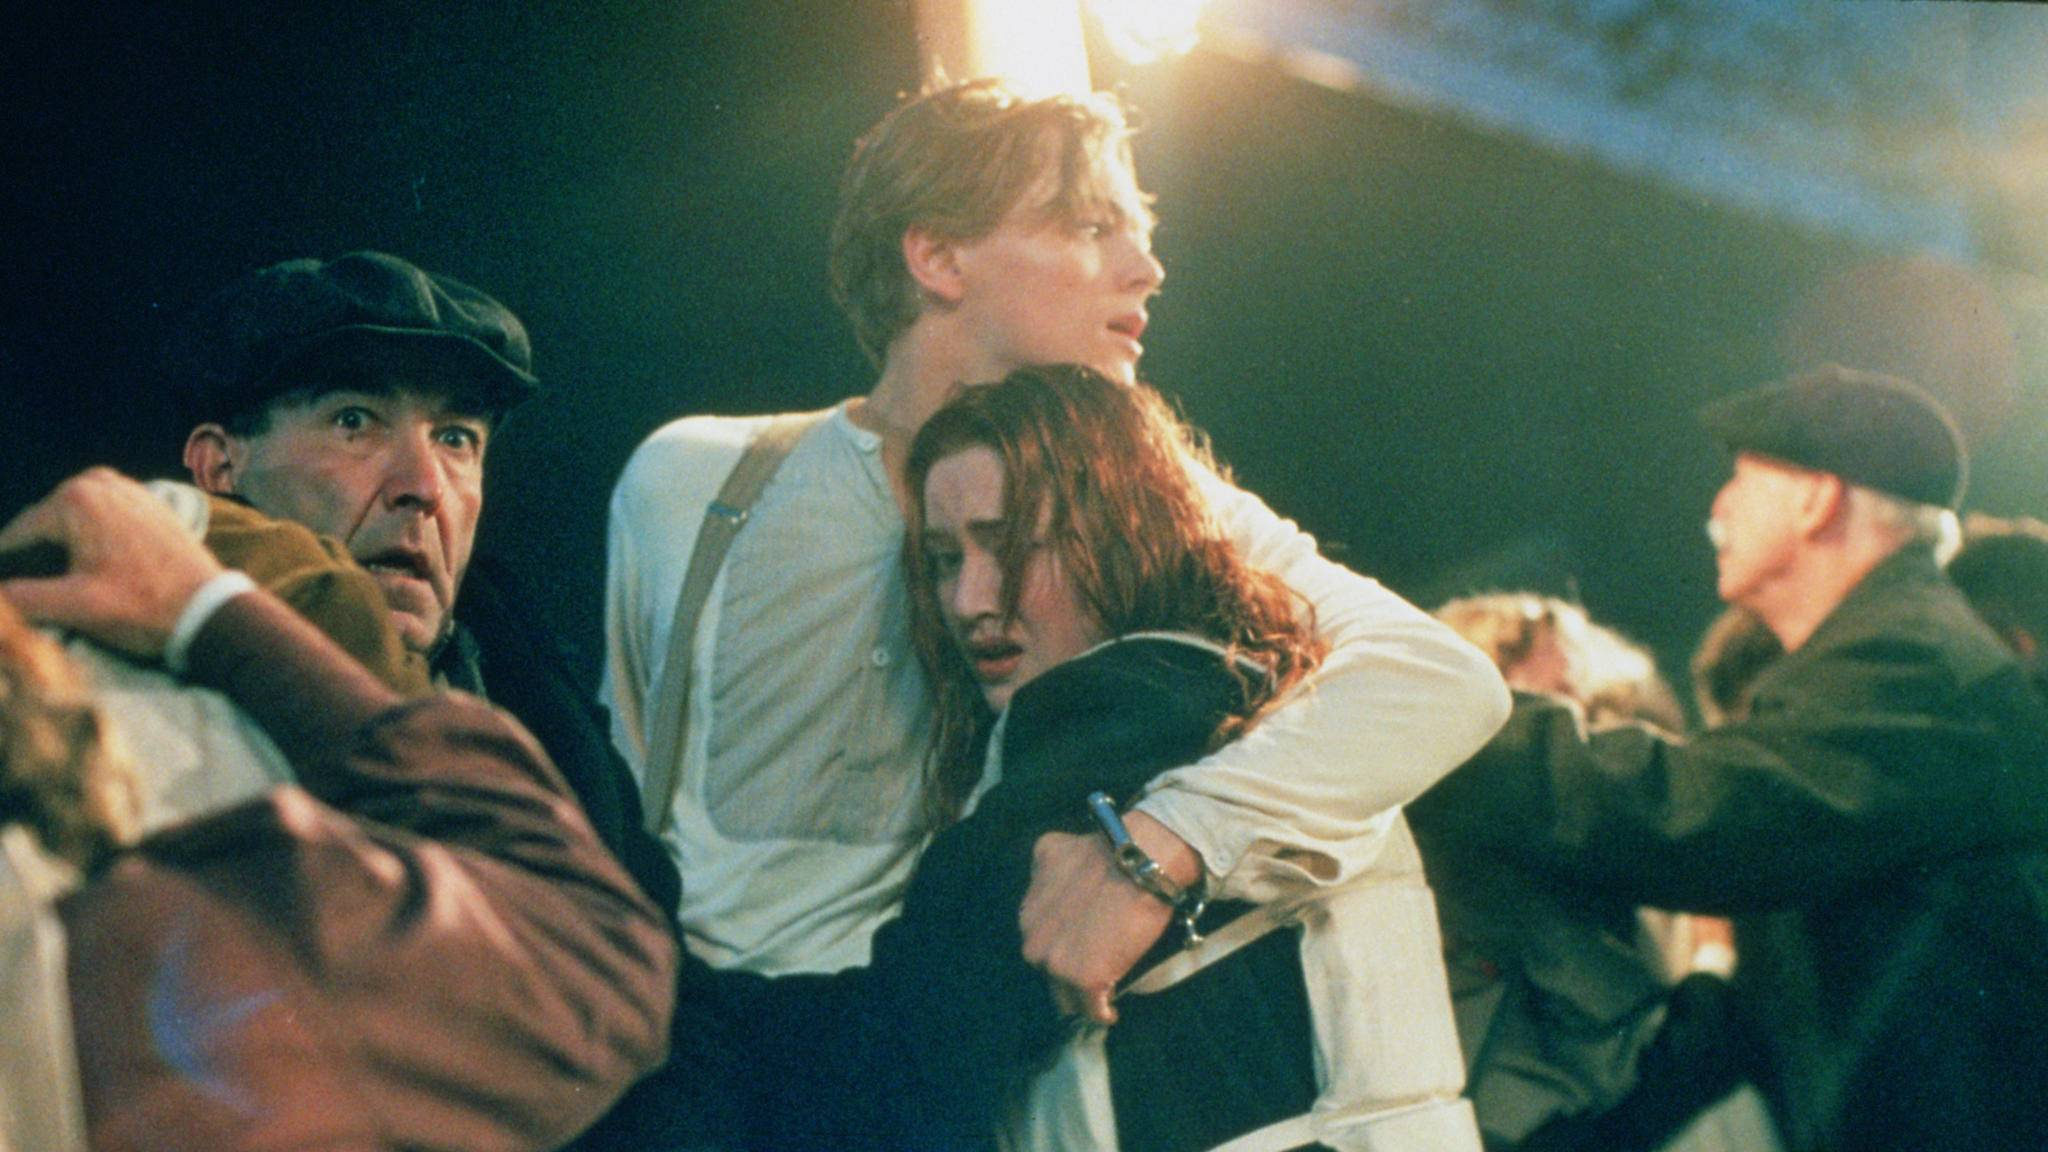 Fast hätten sich beim Untergang der Titanic nicht Leonardo DiCaprio und Kate Winslet in den Armen gelegen, sondern Christian Bale und Nicole Kidman!